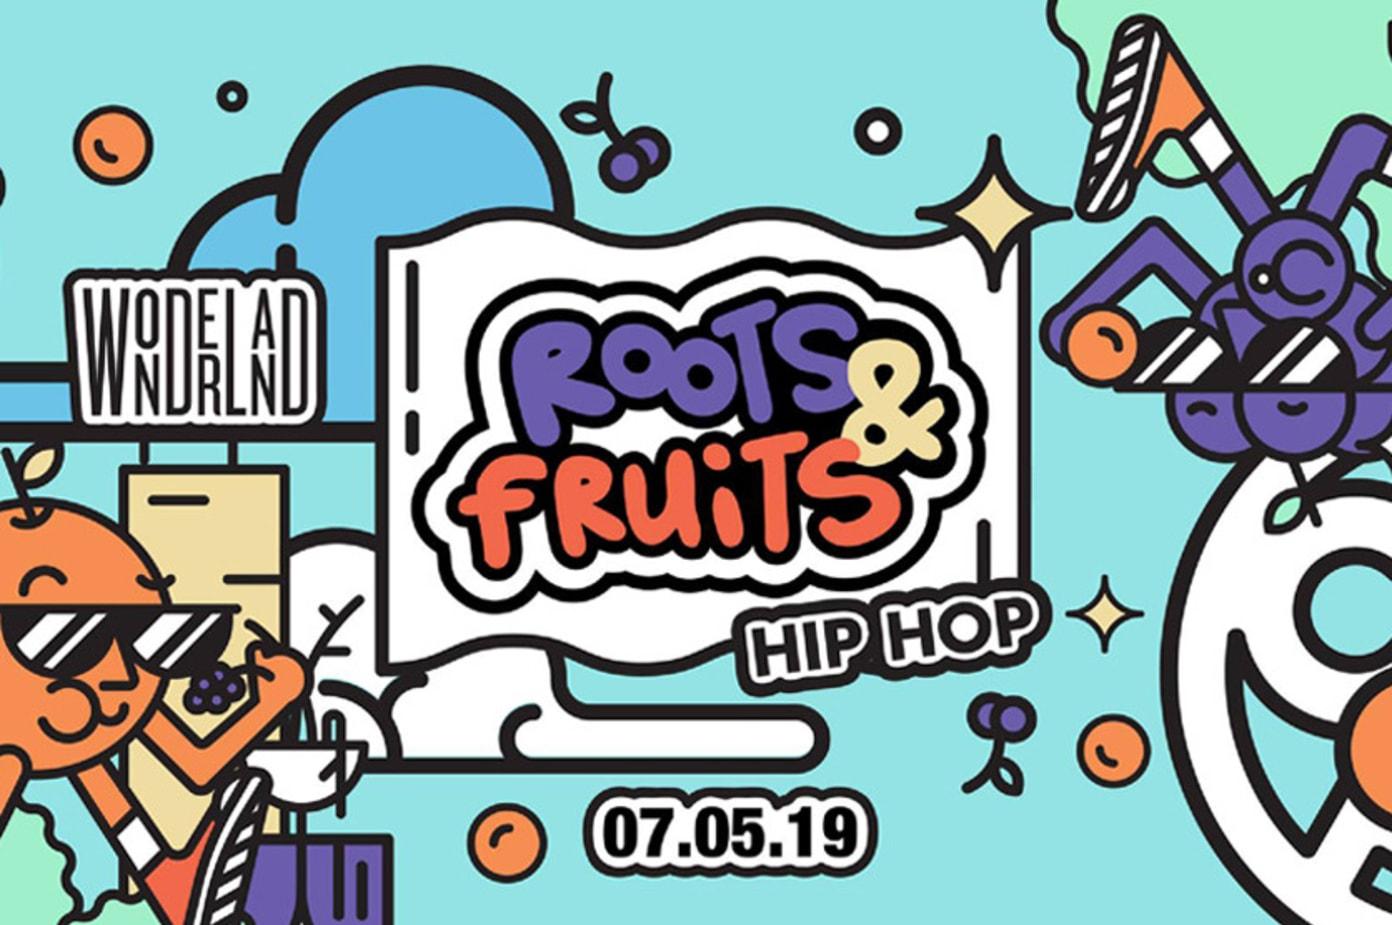 Roots & Fruits: Hip Hop (7 May)